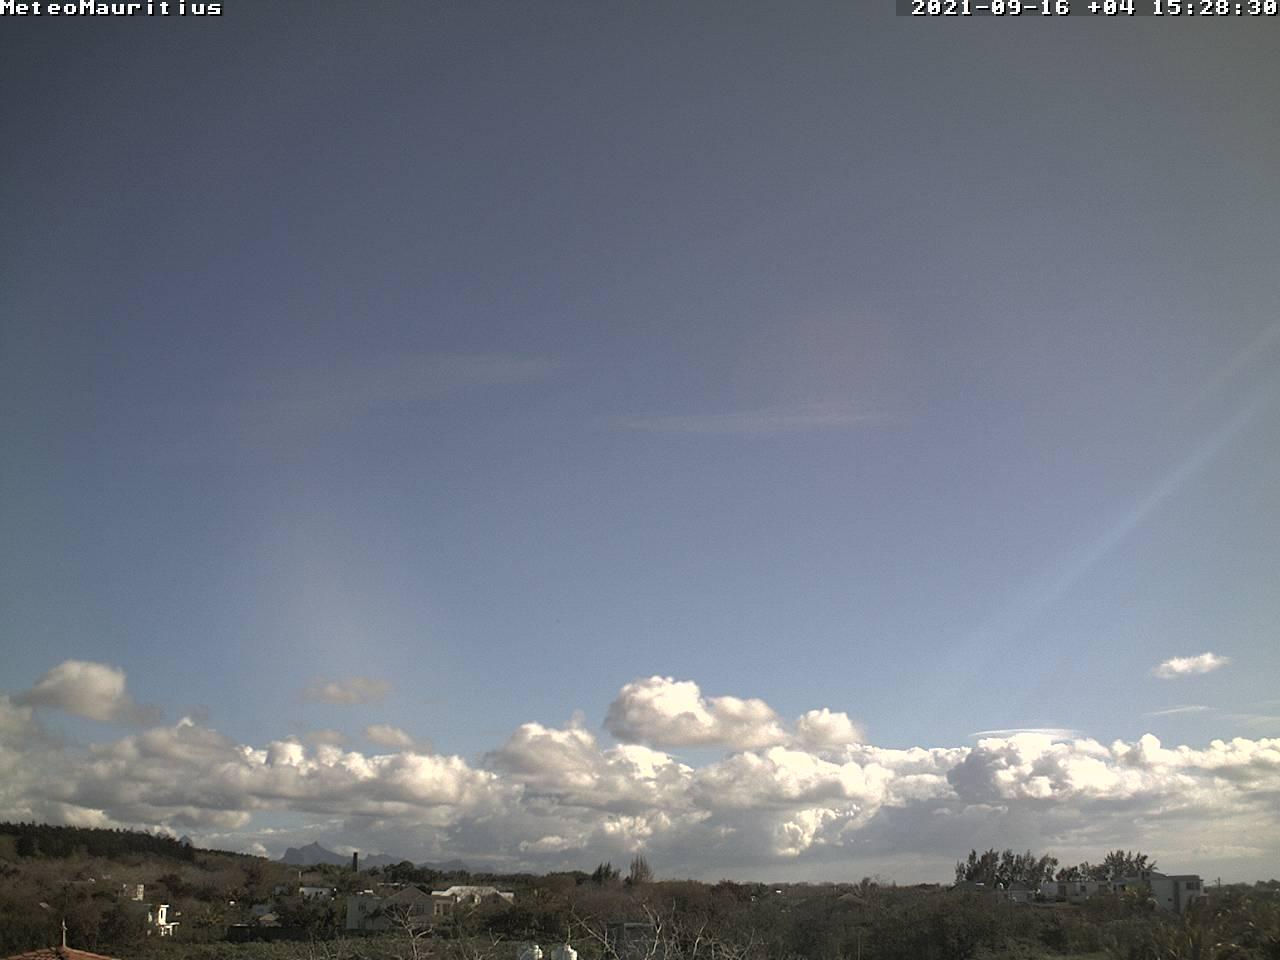 Grand soleil sur le Nord de MAURICE cet après-midi. Webcam de Petit-Raffray.Météomauritius.